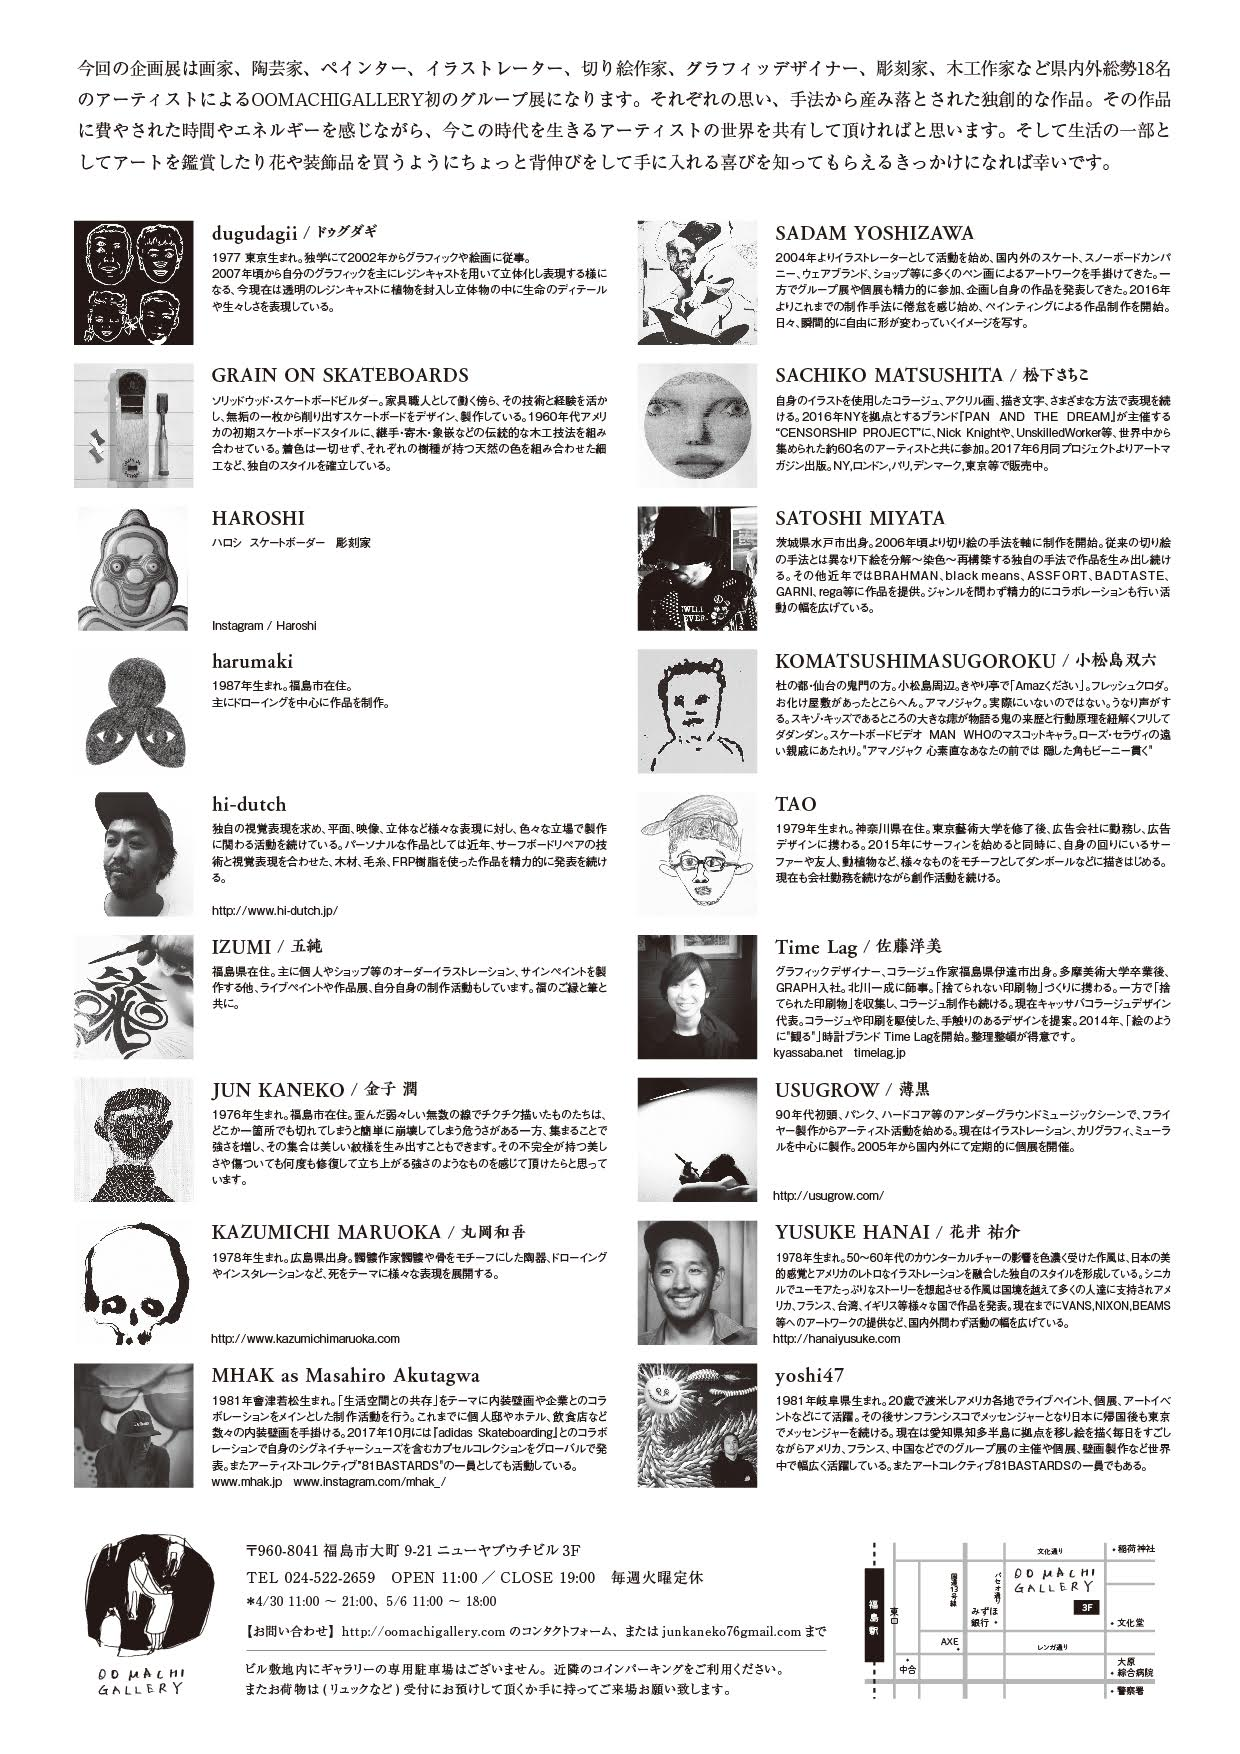 news_april_29_5